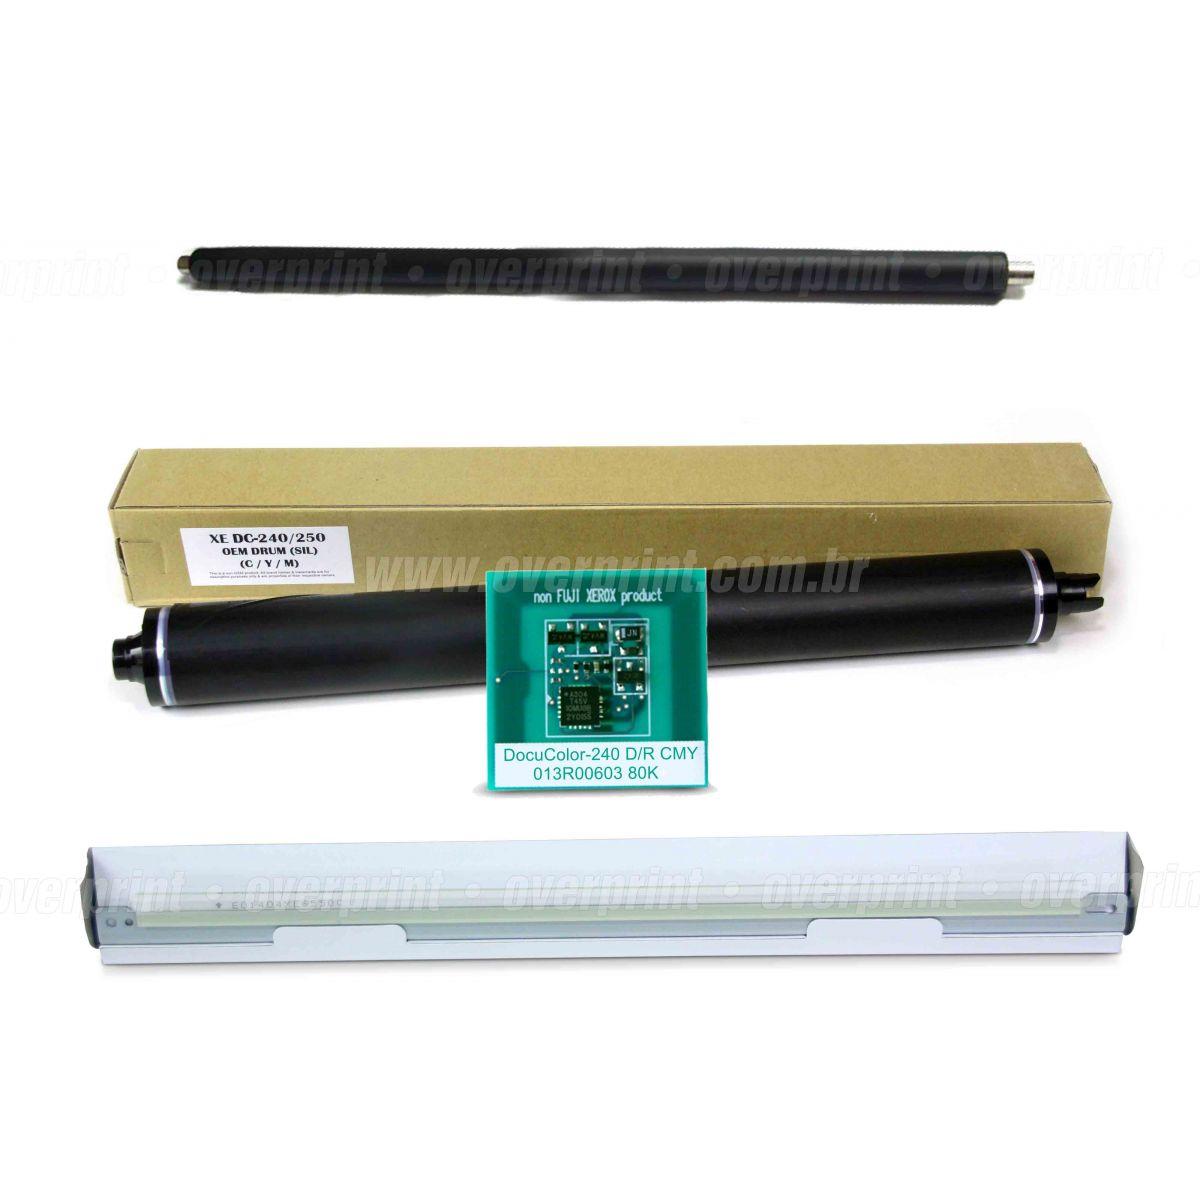 Kit Remanufatura Unidade de Imagem Colorido Xerox Docucolor 240/242/250/252/260  - Overprint